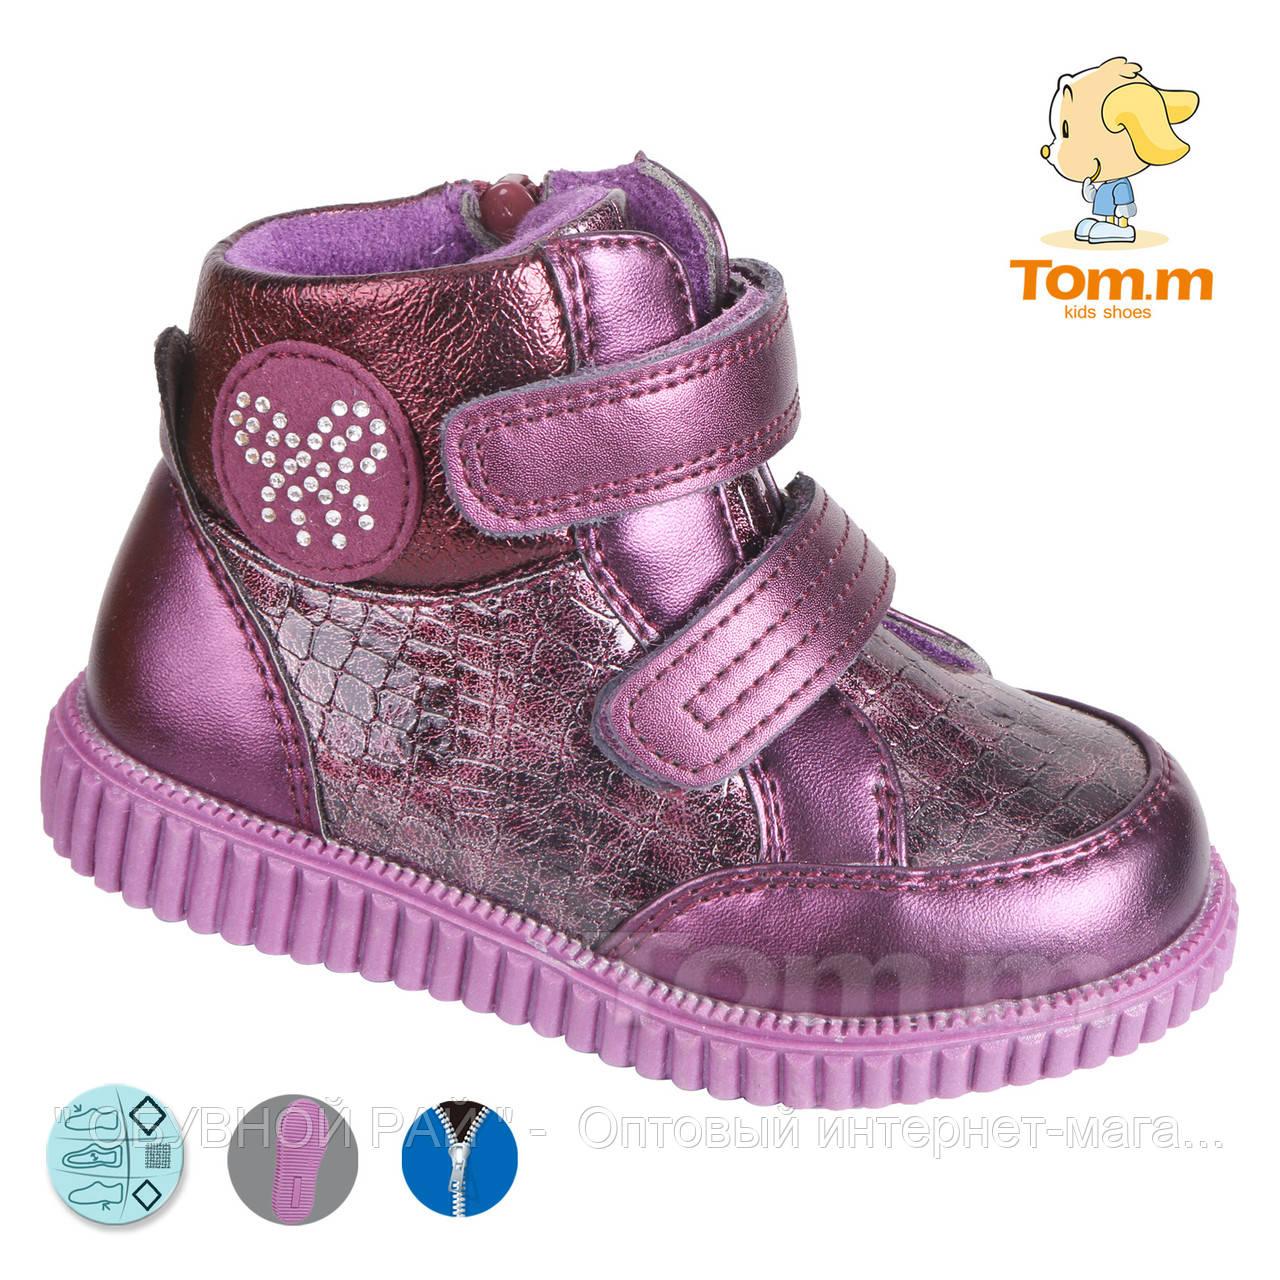 6a26d45d7 Детская обувь оптом. Осенние ботинки для девочек от ТМ. Jong Golf ( рр.